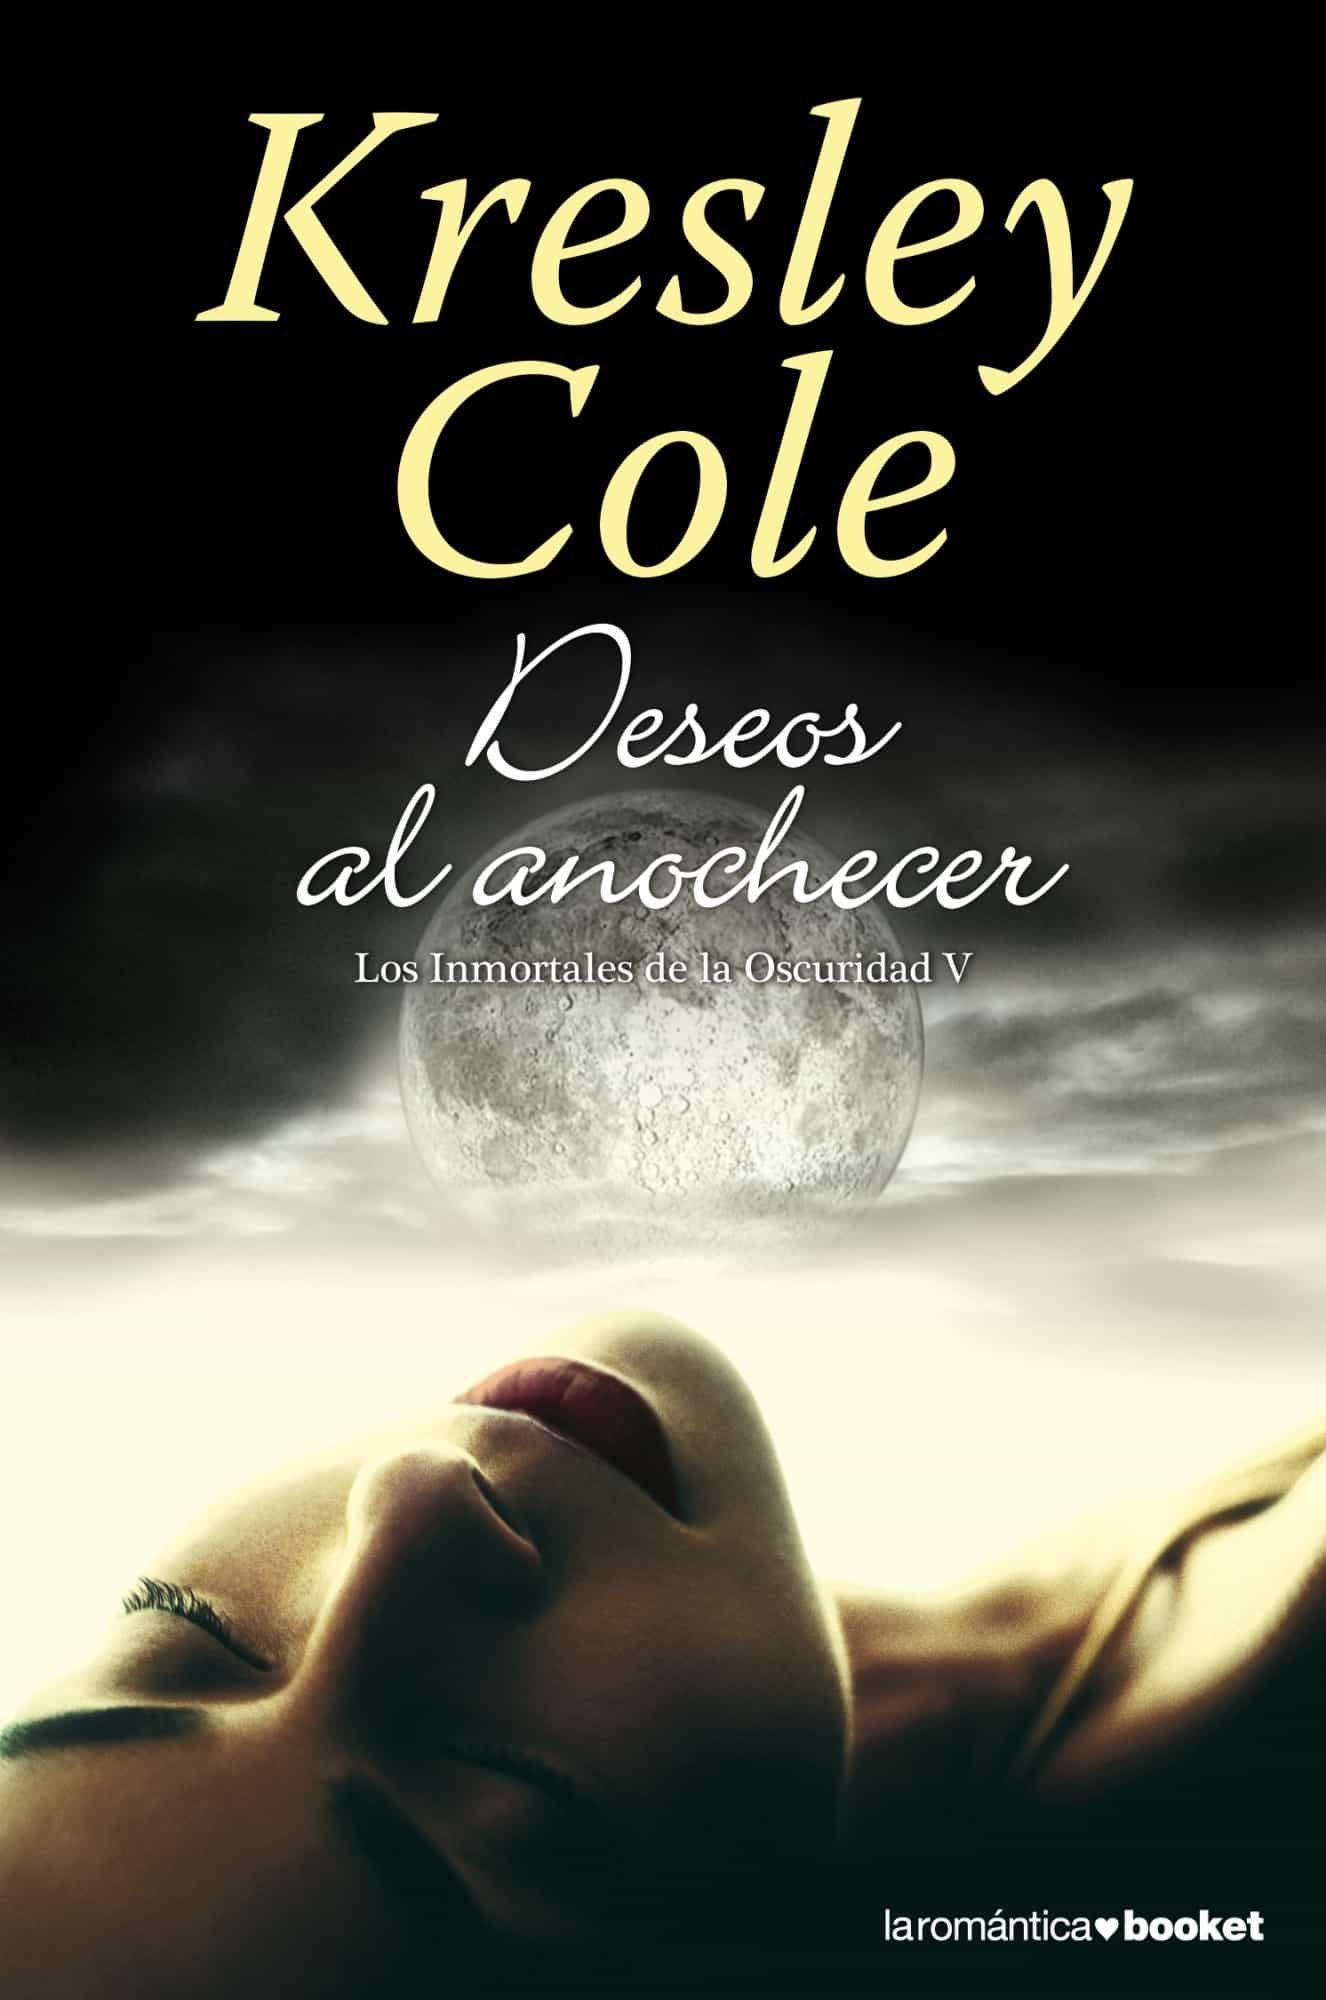 deseos al anochecer (los inmortales de la oscuridad 5)-kresley cole-9788408114604